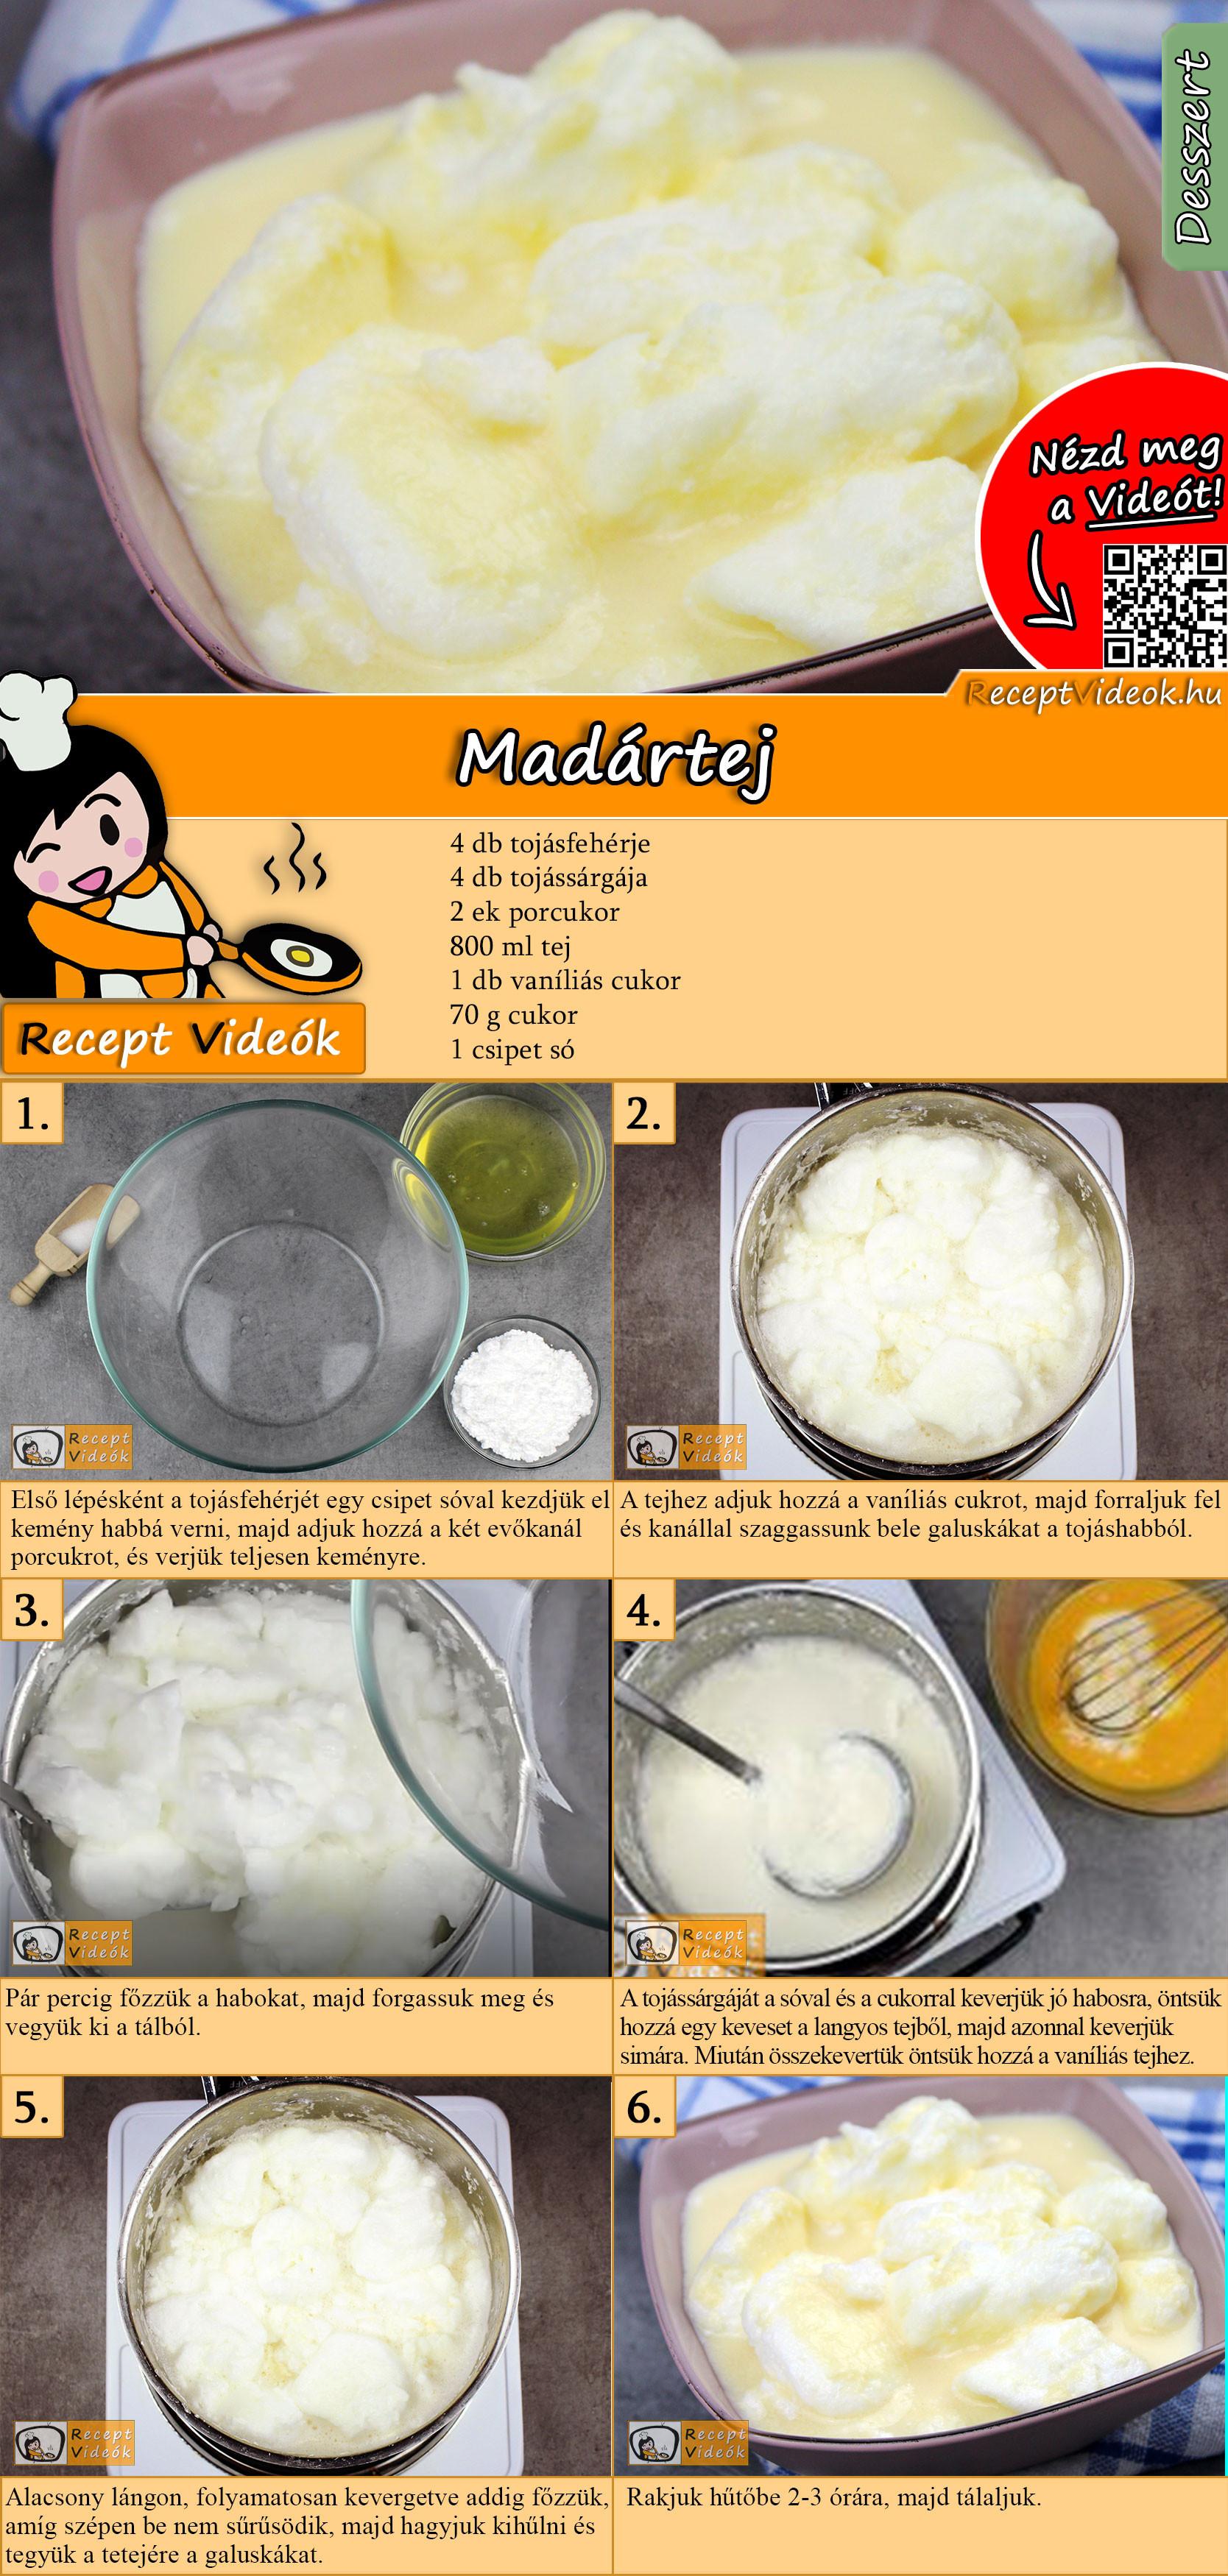 Madártej recept elkészítése videóval